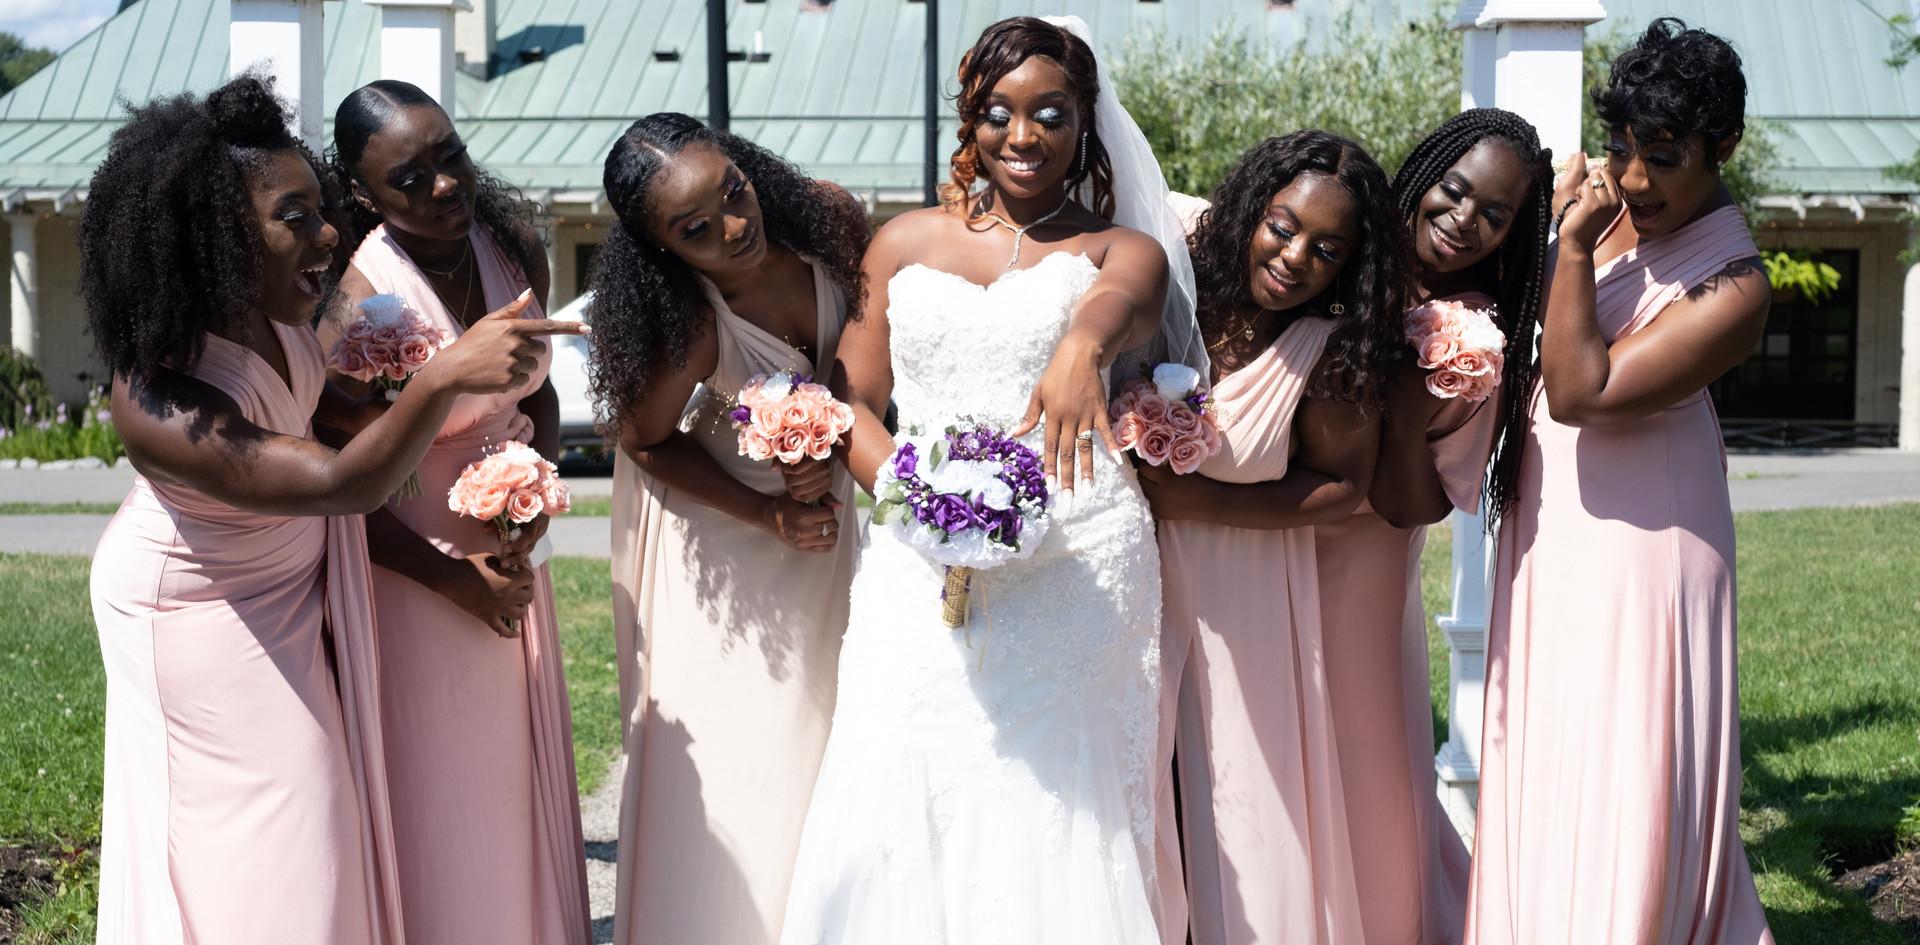 ju-bianca-wedding-224.jpg